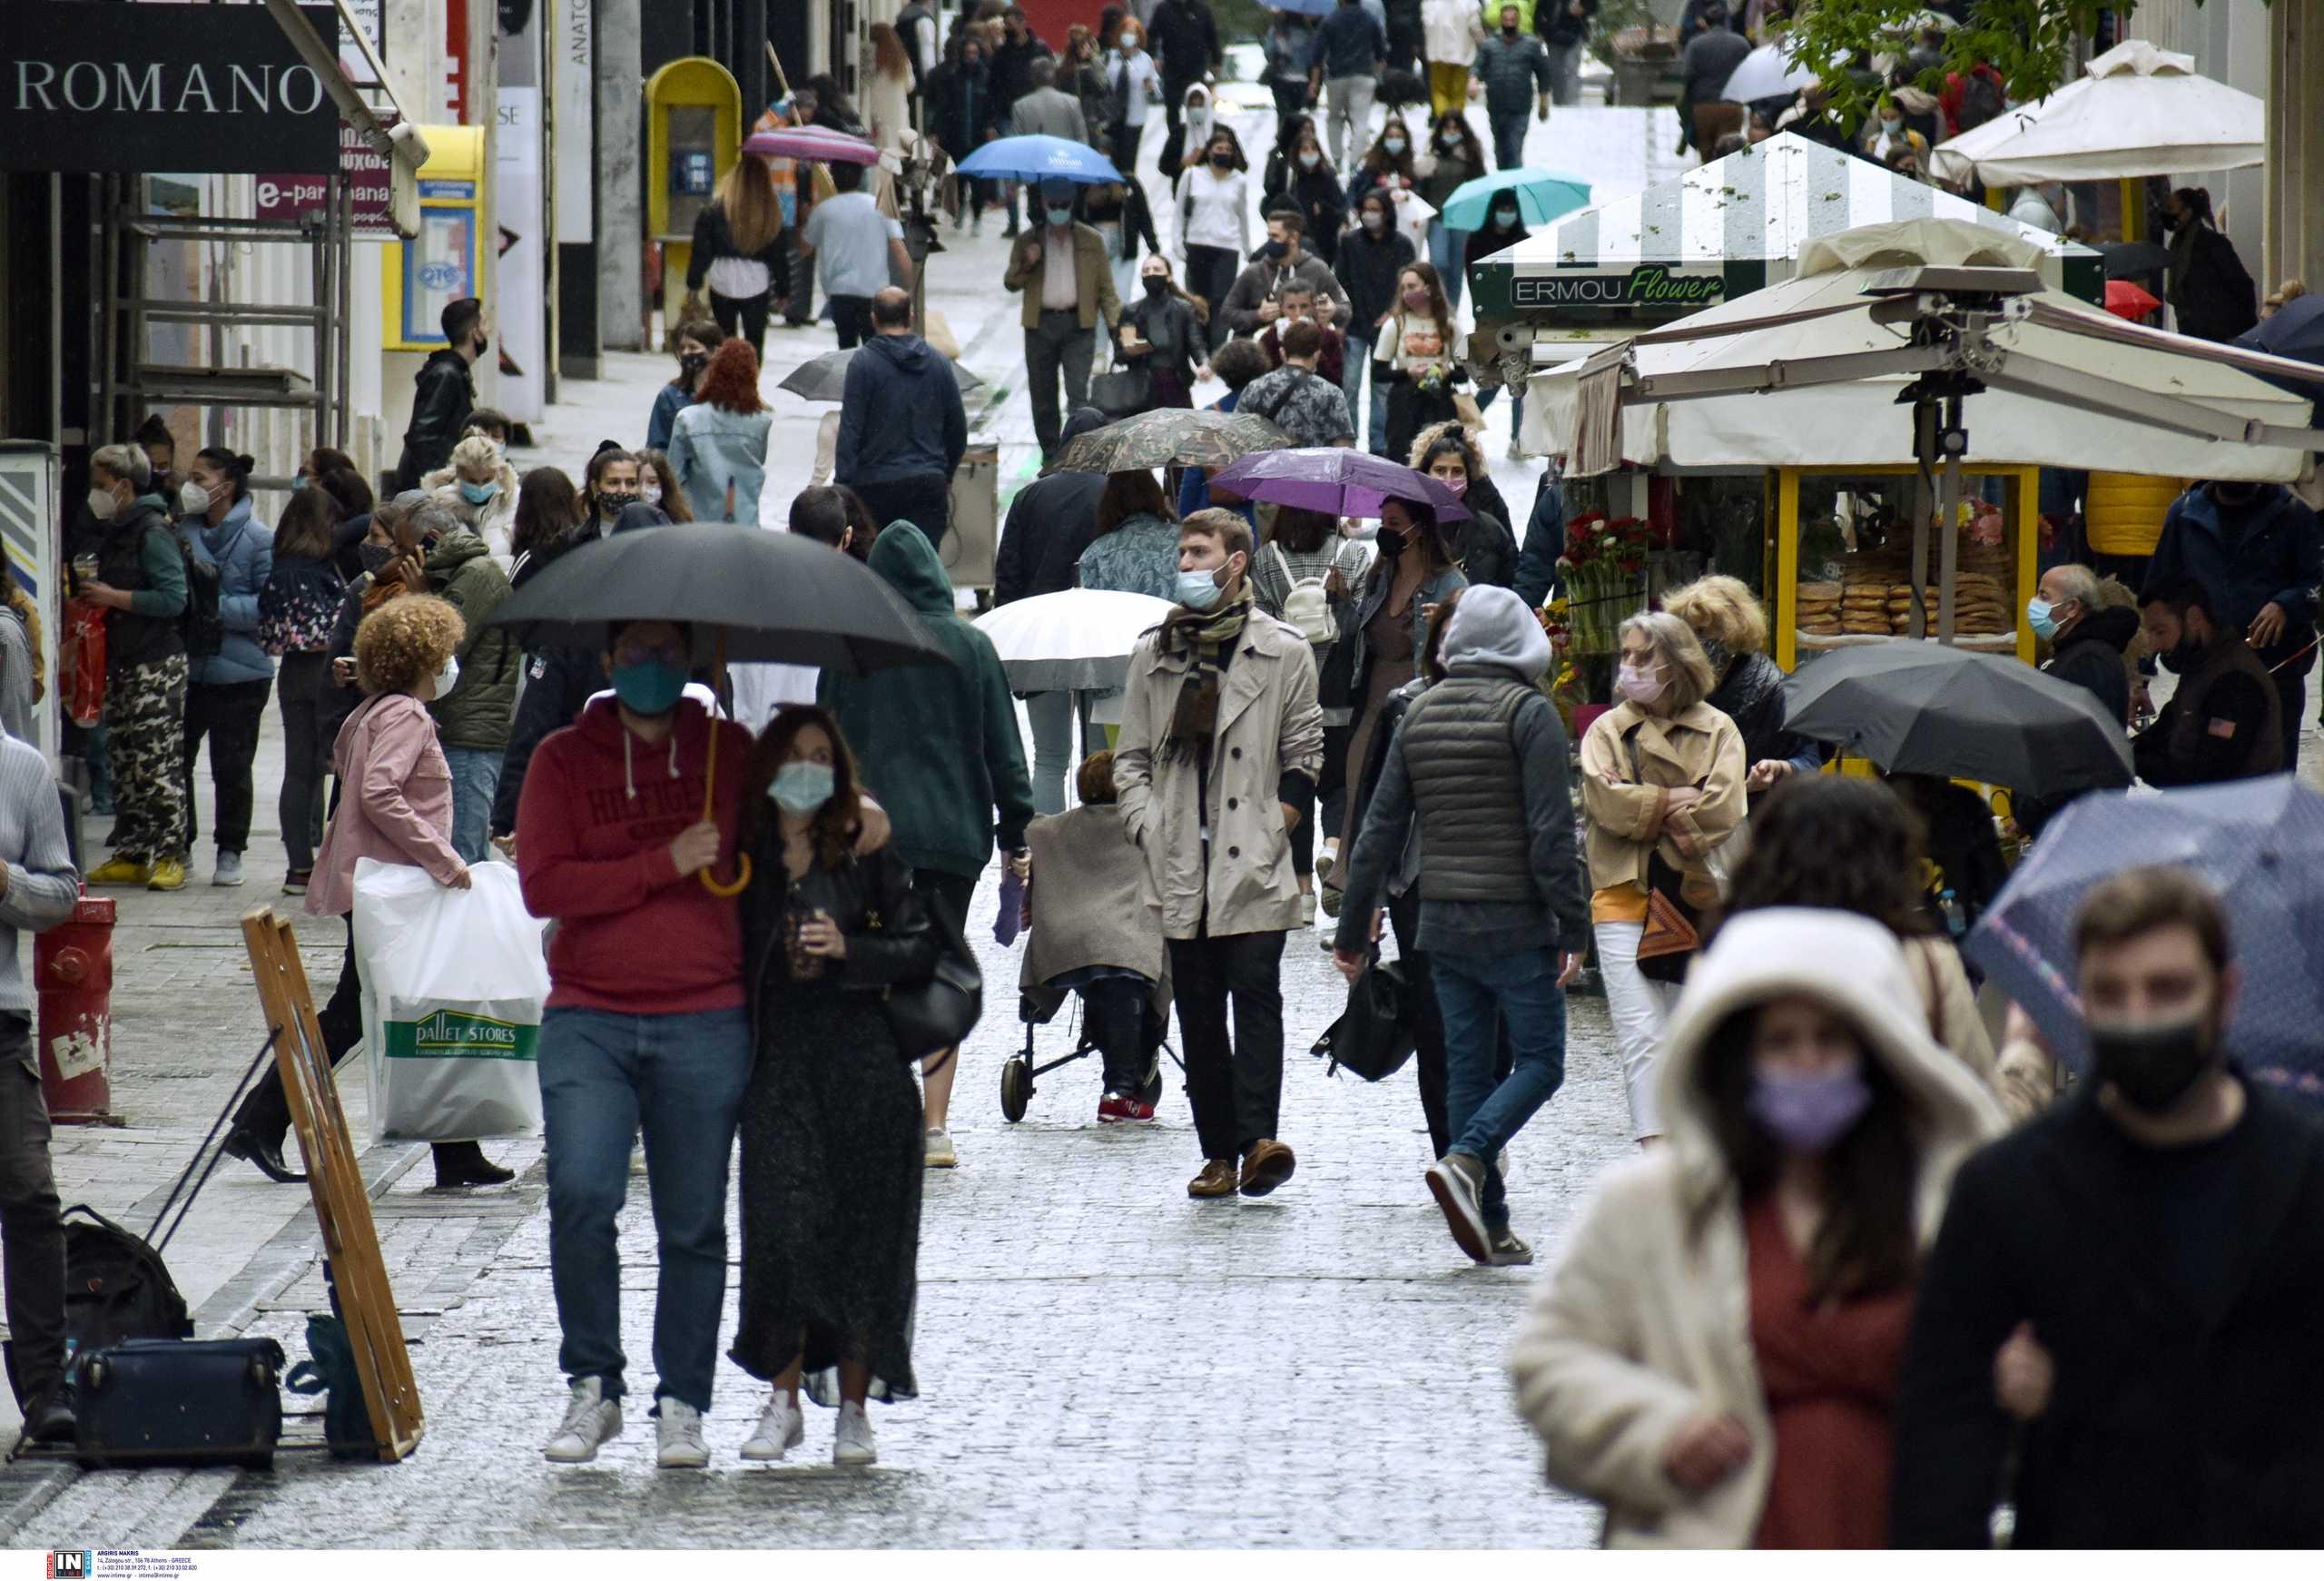 Βασιλακόπουλος: Θα έχουμε μικρή αύξηση κρουσμάτων το Πάσχα – Συναντήσεις στα μπαλκόνια